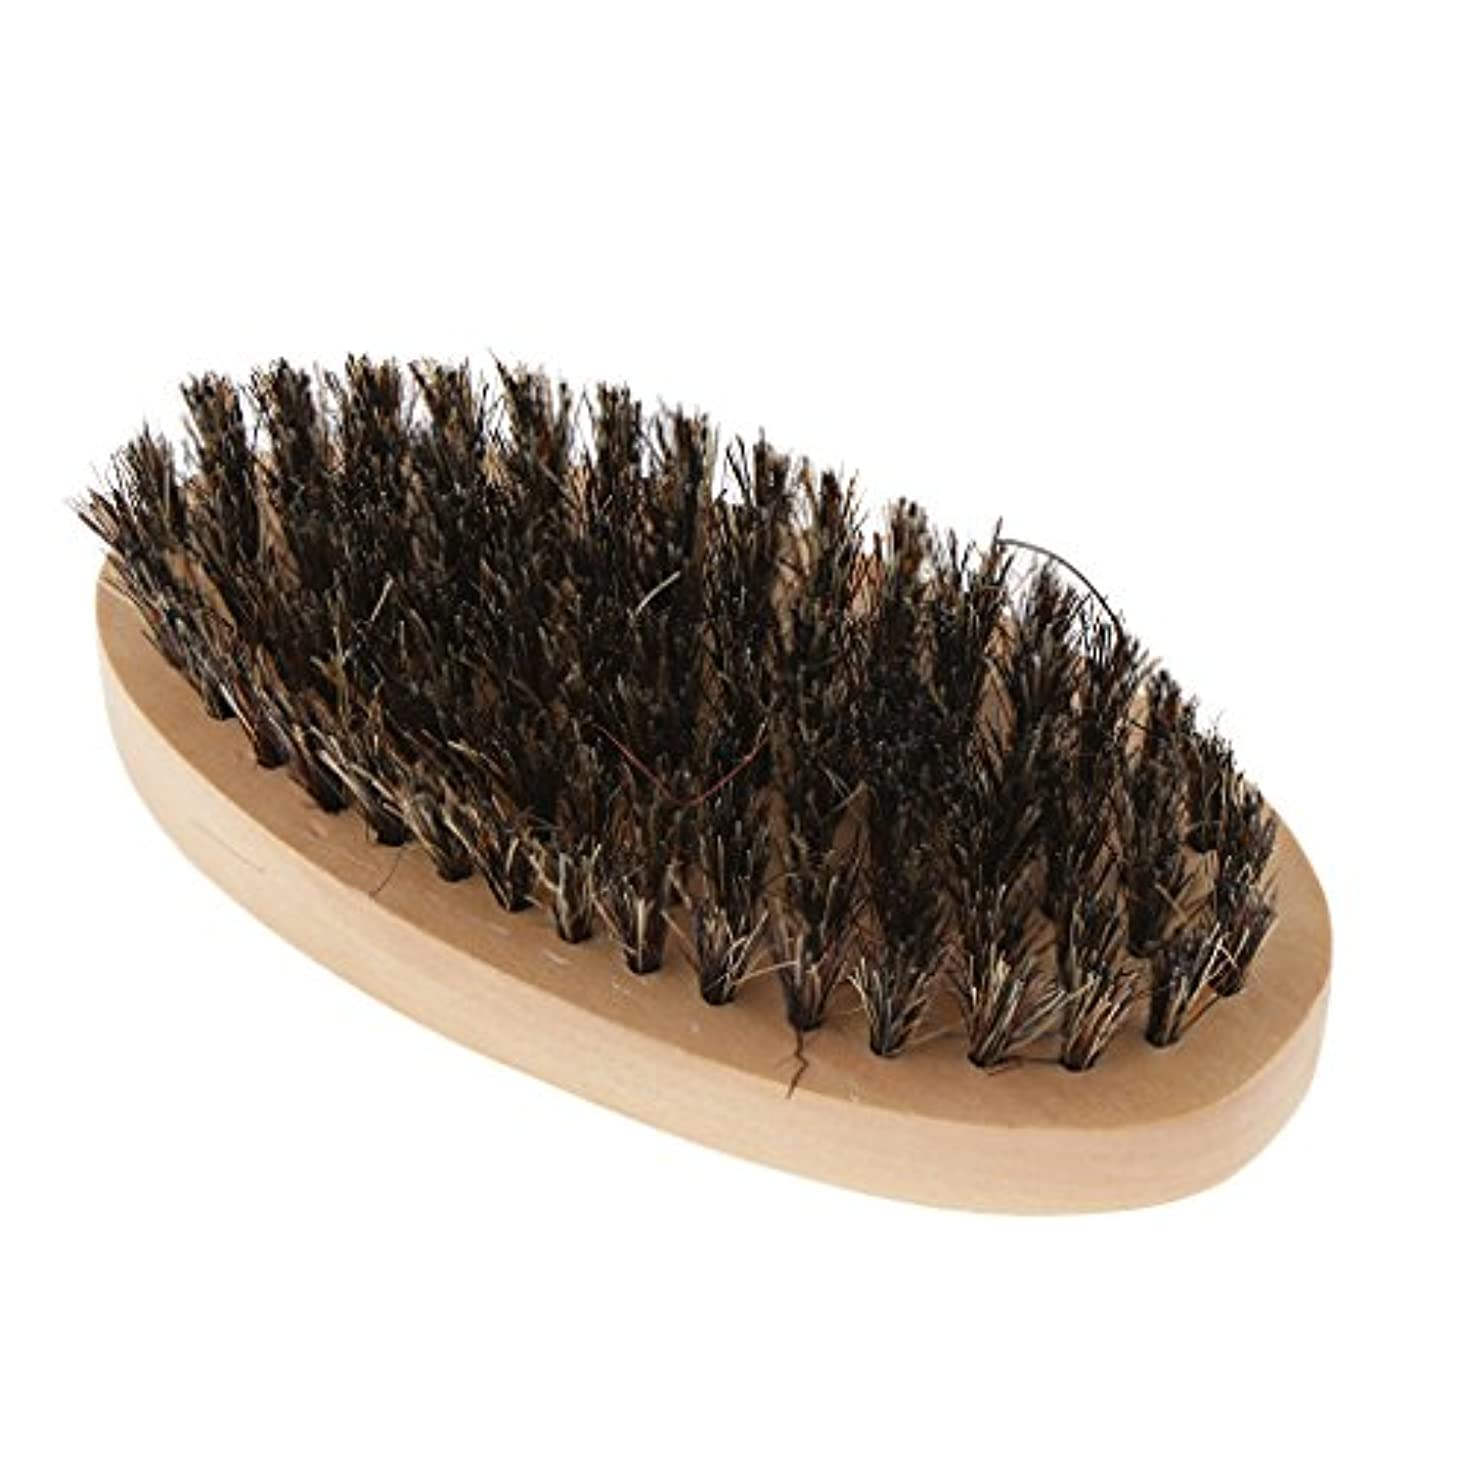 に対処するブラケットうなずくビアードブラシ 男性 ひげブラシ 口ひげ 整髪スタイリング 木製のハンドル